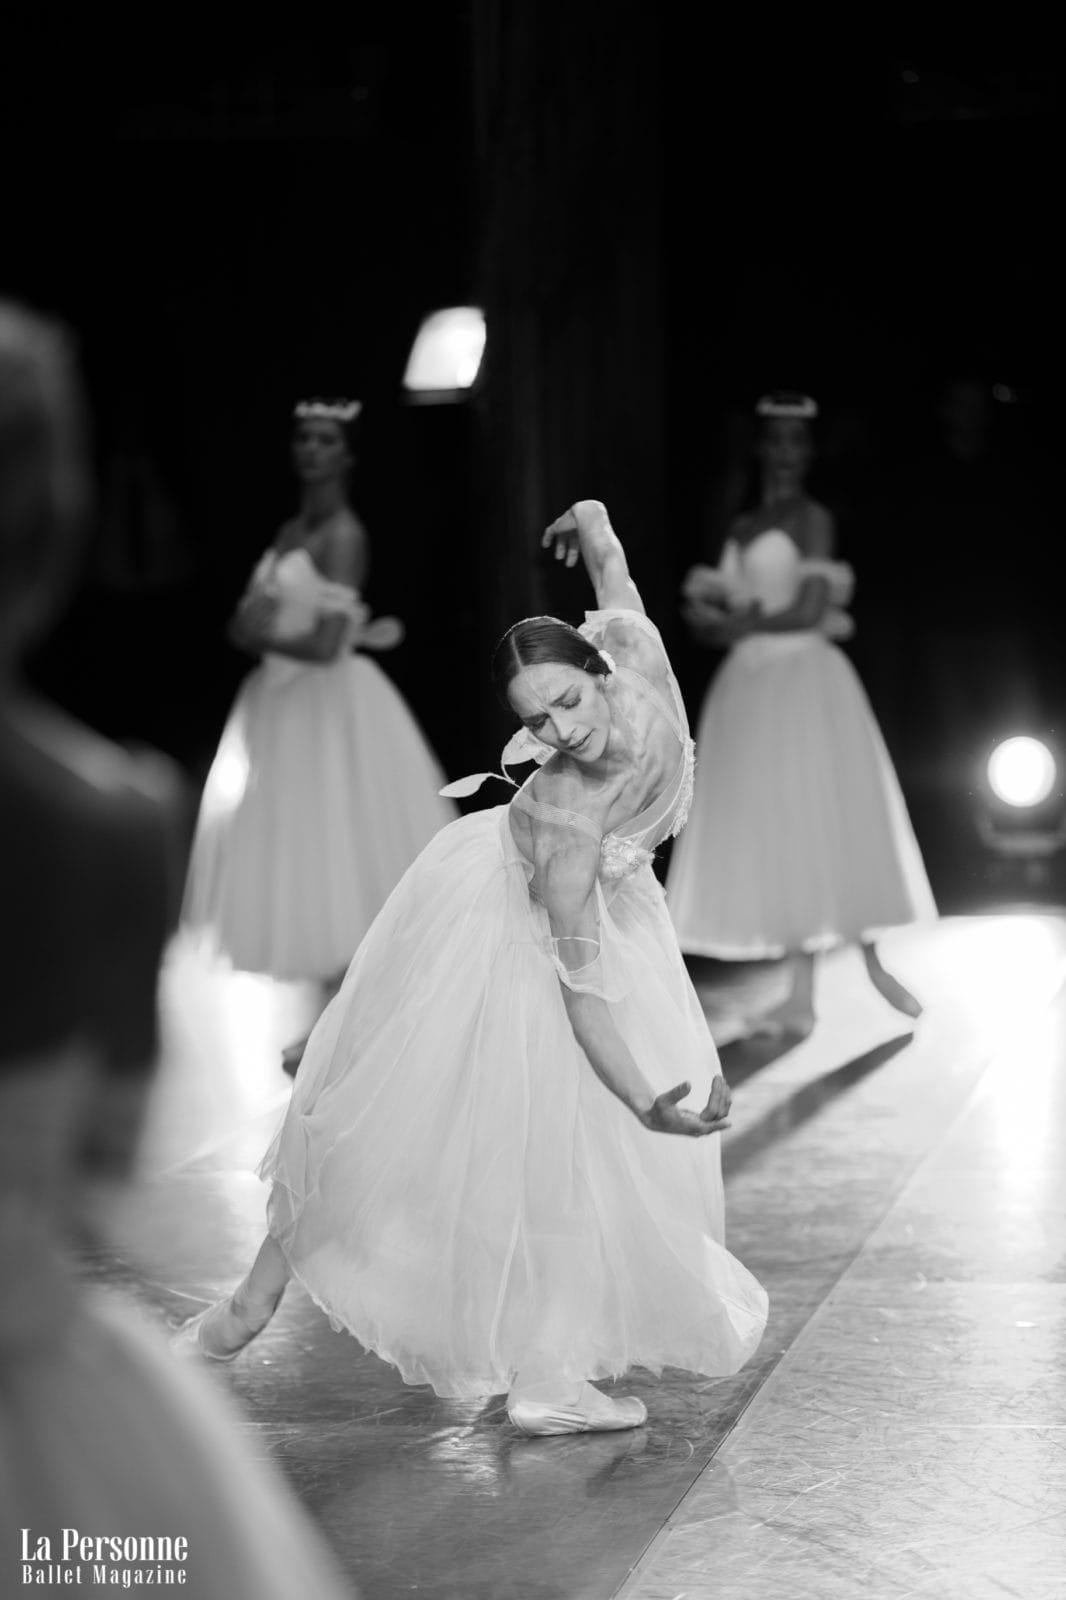 Polina Semionova – Giselle